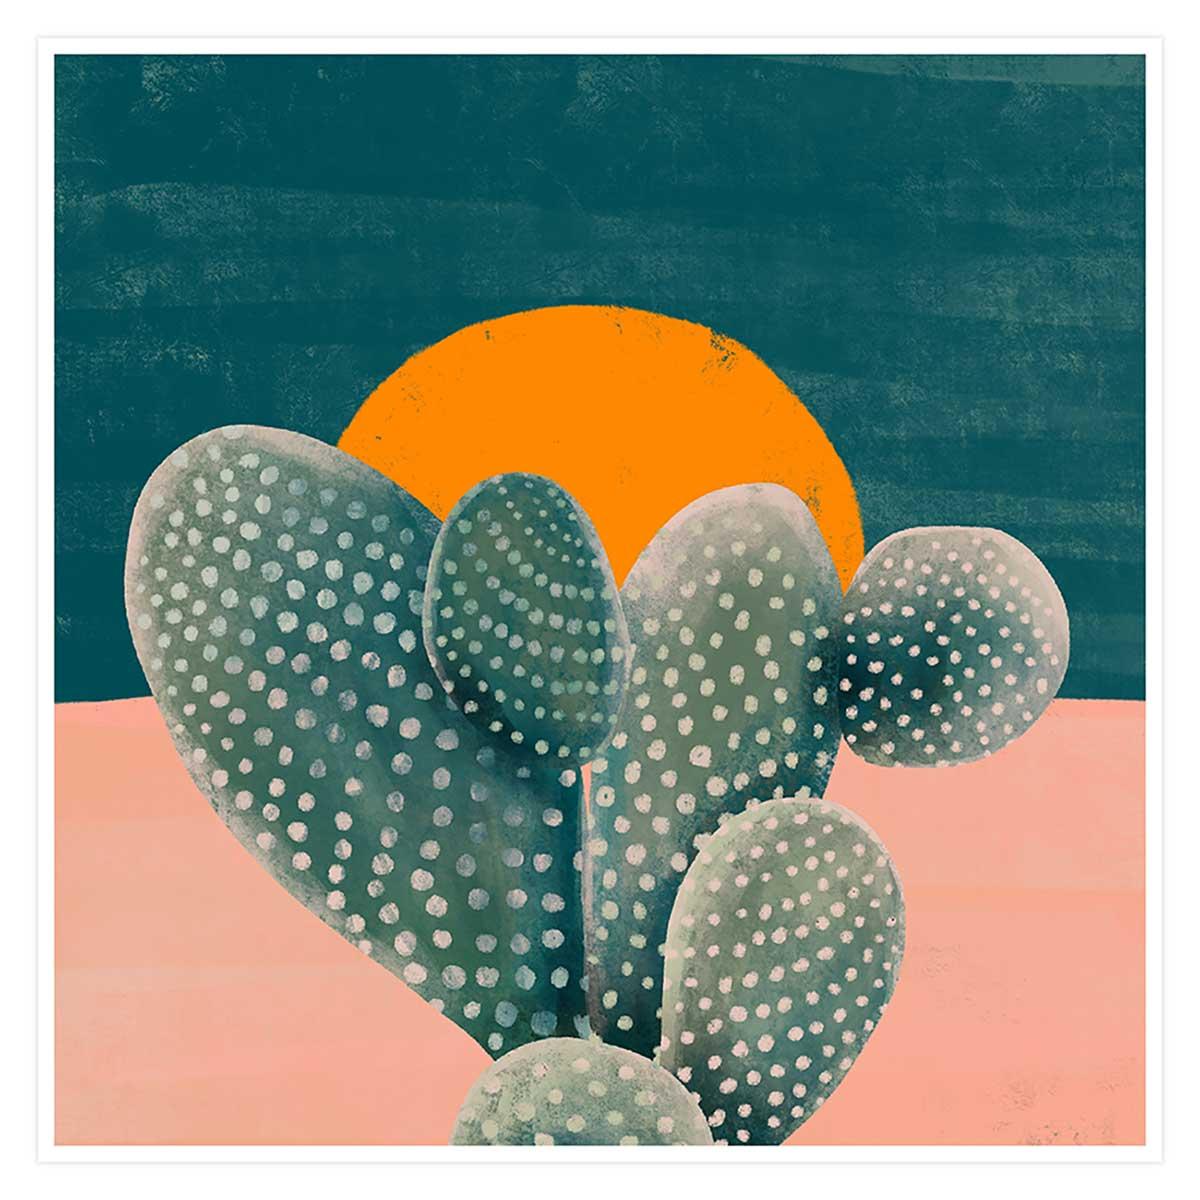 Affiche illustration cactus et soleil orange Affiche seule